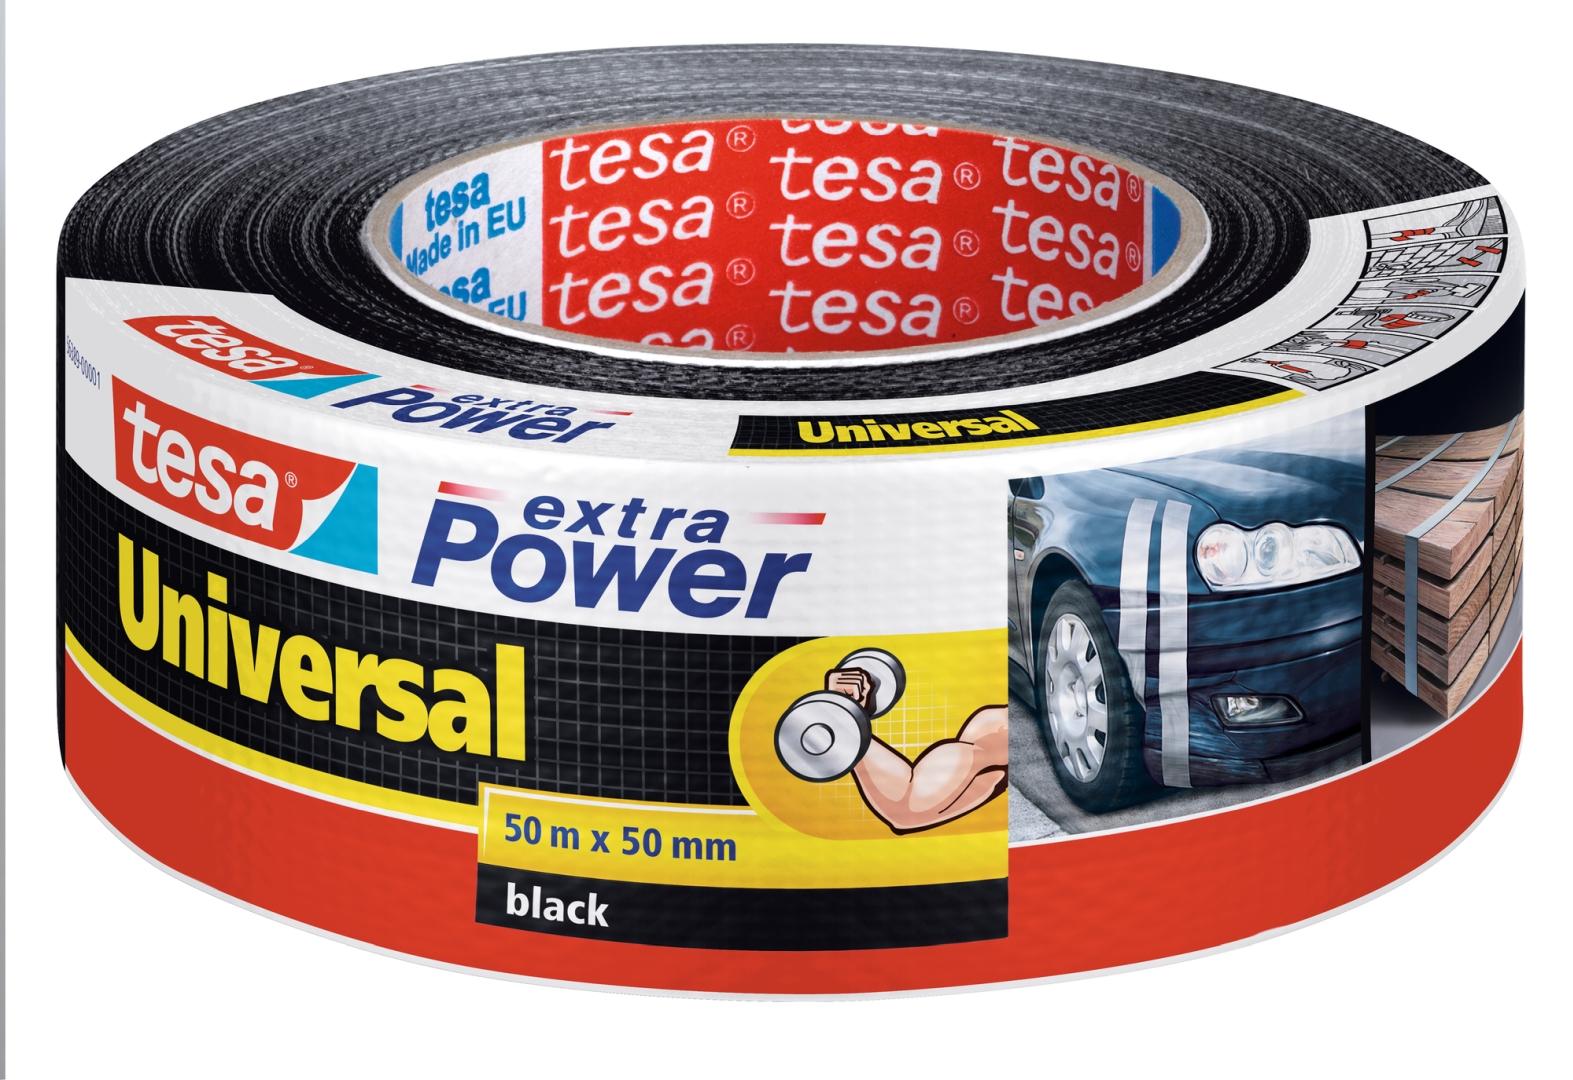 tesa extra Power universal, von Hand einreißbar, hohe Wetterfestigkeit, schwarz, 50 m x 50 mm